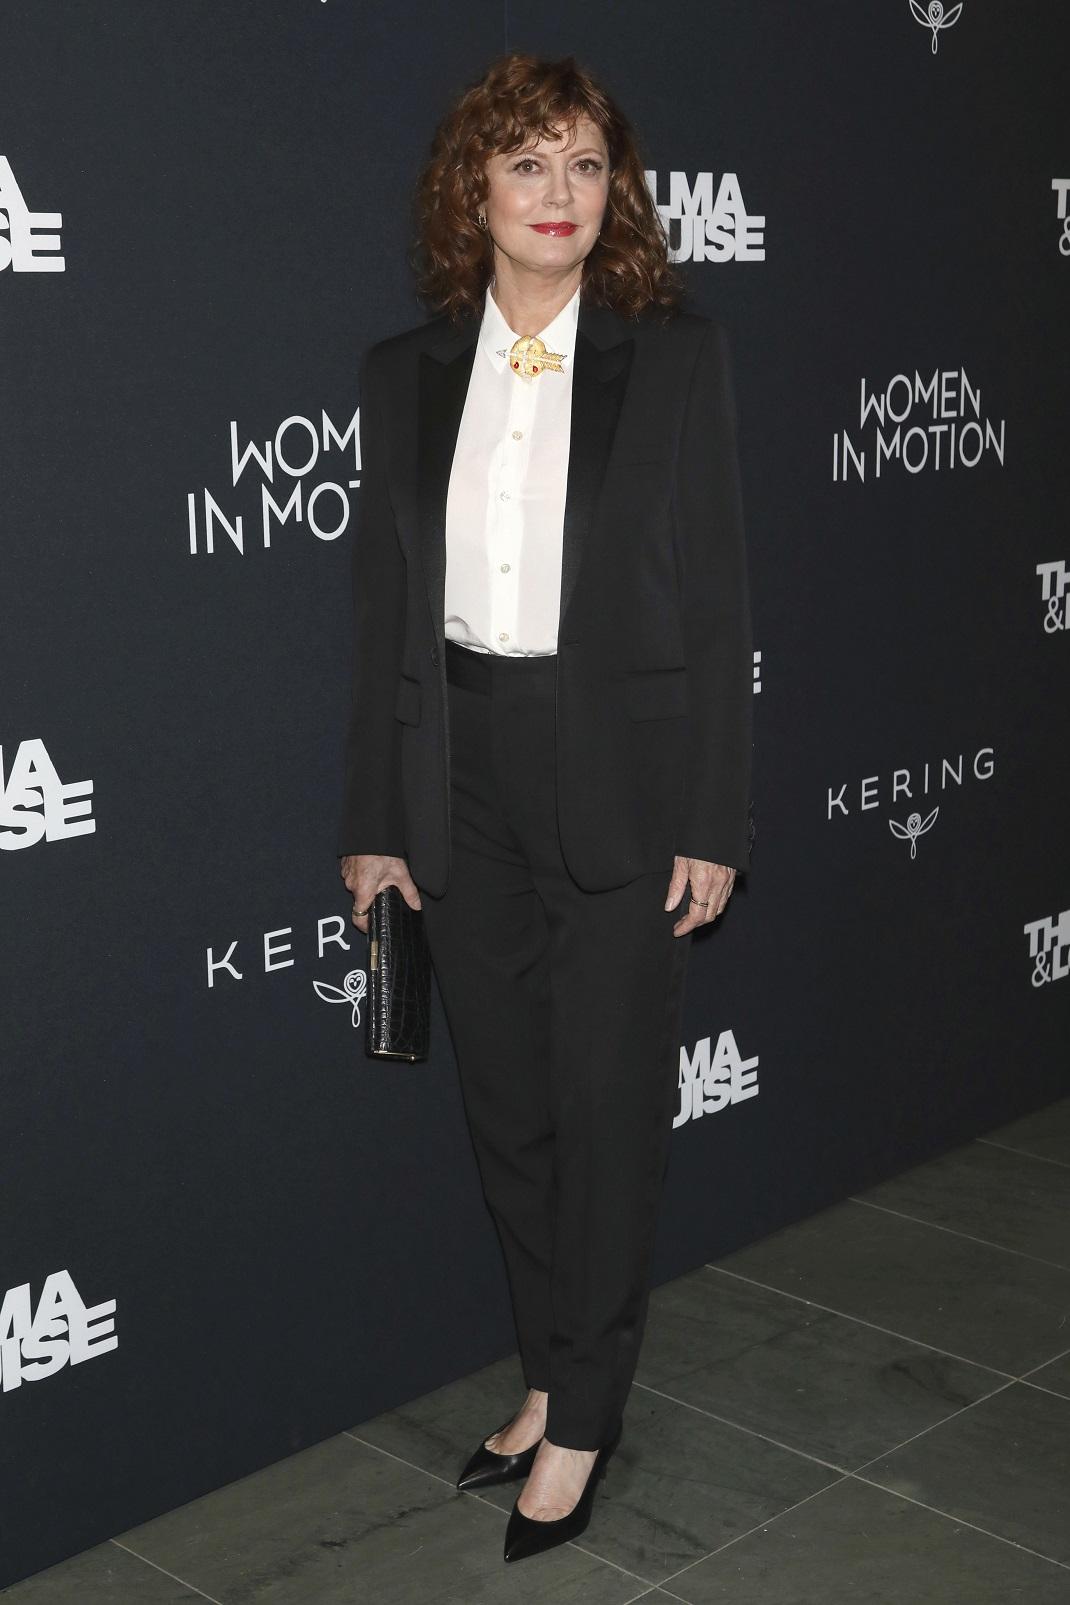 Η Σούζαν Σαράντον με μαύρο κοστούμι και μαύρες γόβες